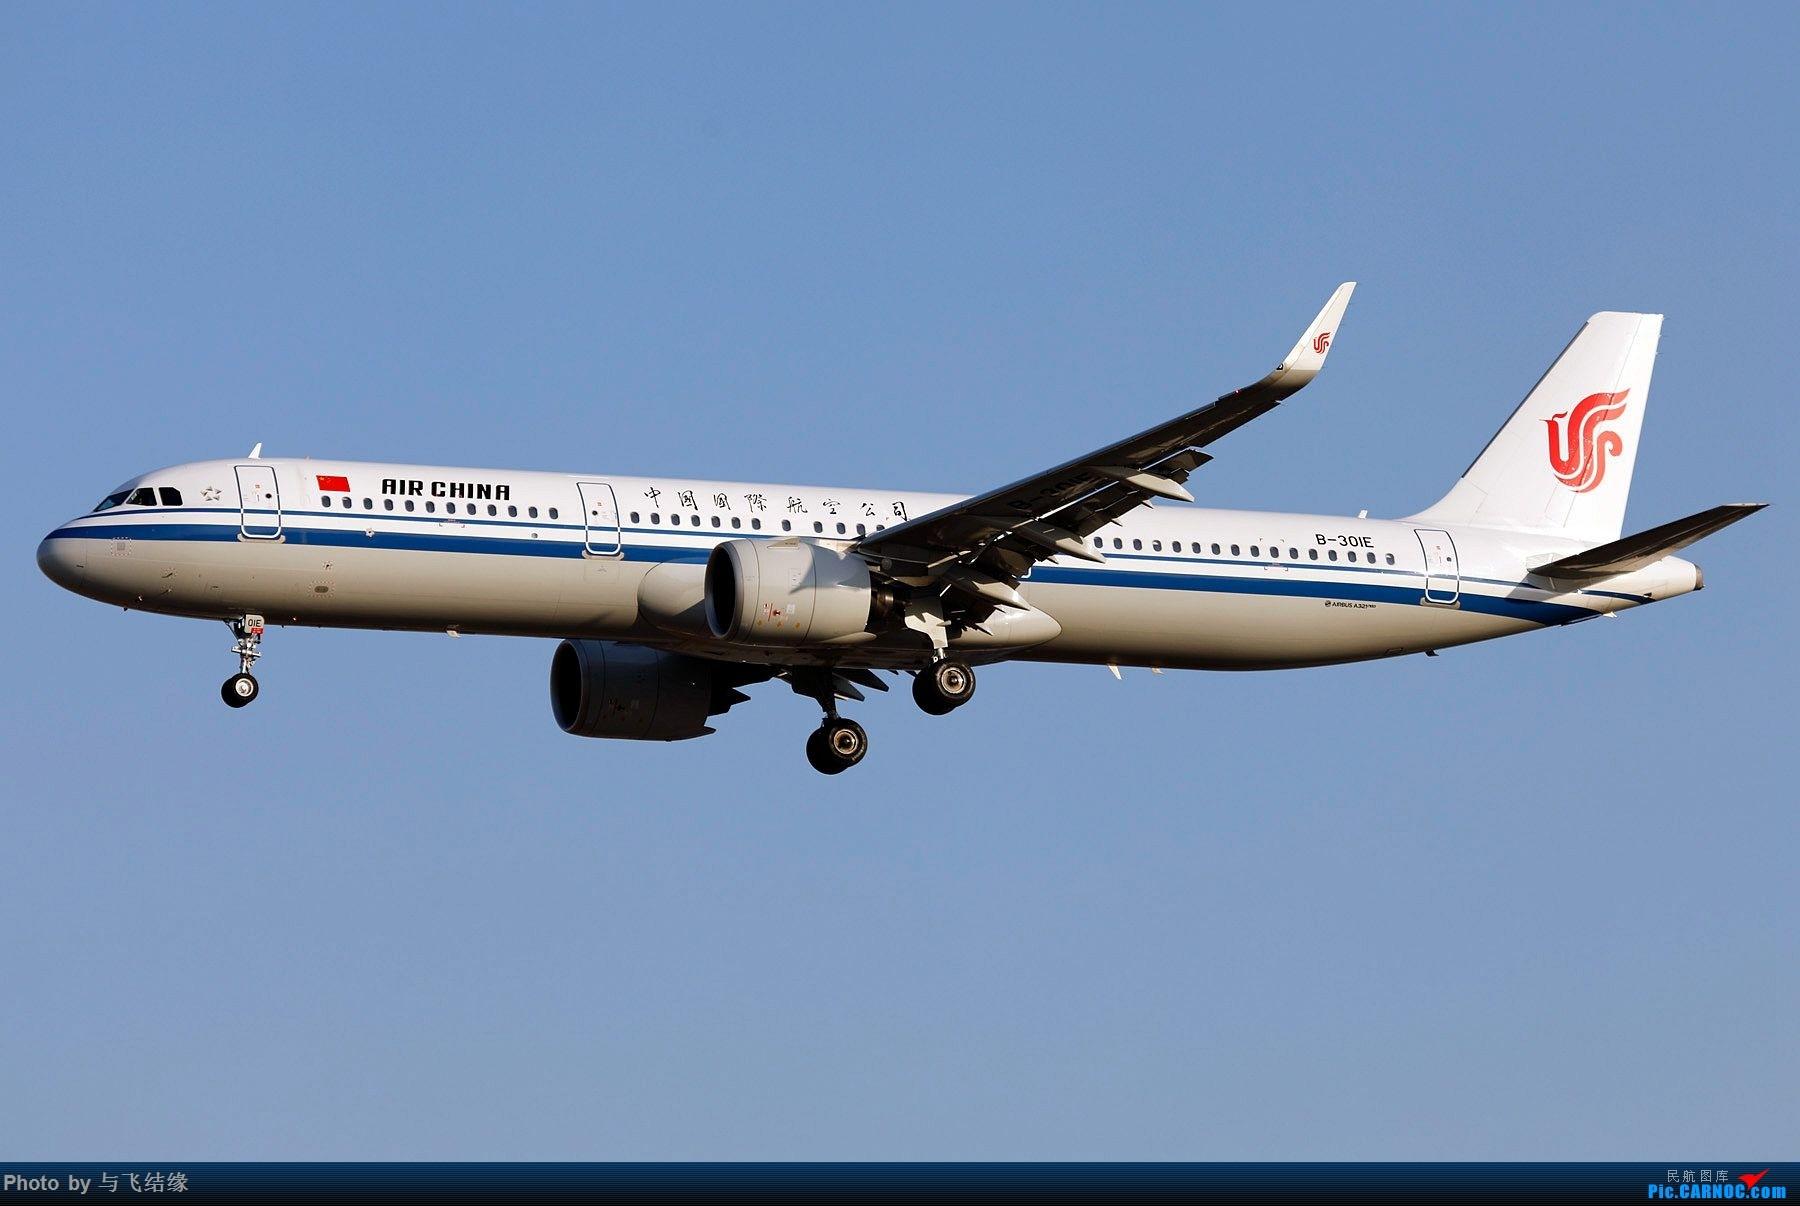 Re:[原创]新年第一贴,2019年诸事顺利。 AIRBUS A321NEO B-301E 中国北京首都国际机场